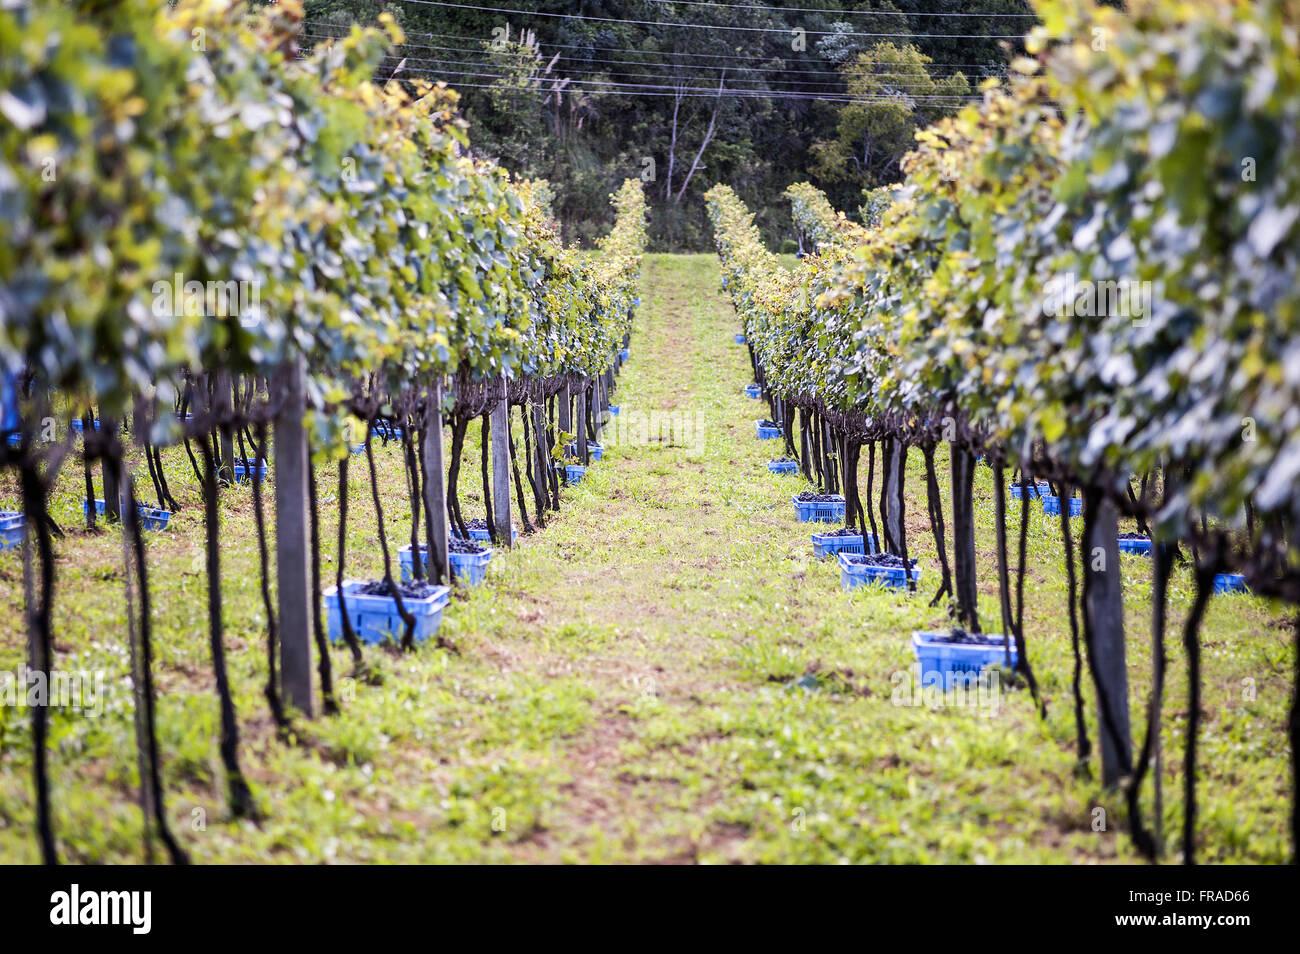 Colheita de uva tipo Merlot em cultivo de espaldeira vertical - Stock Image